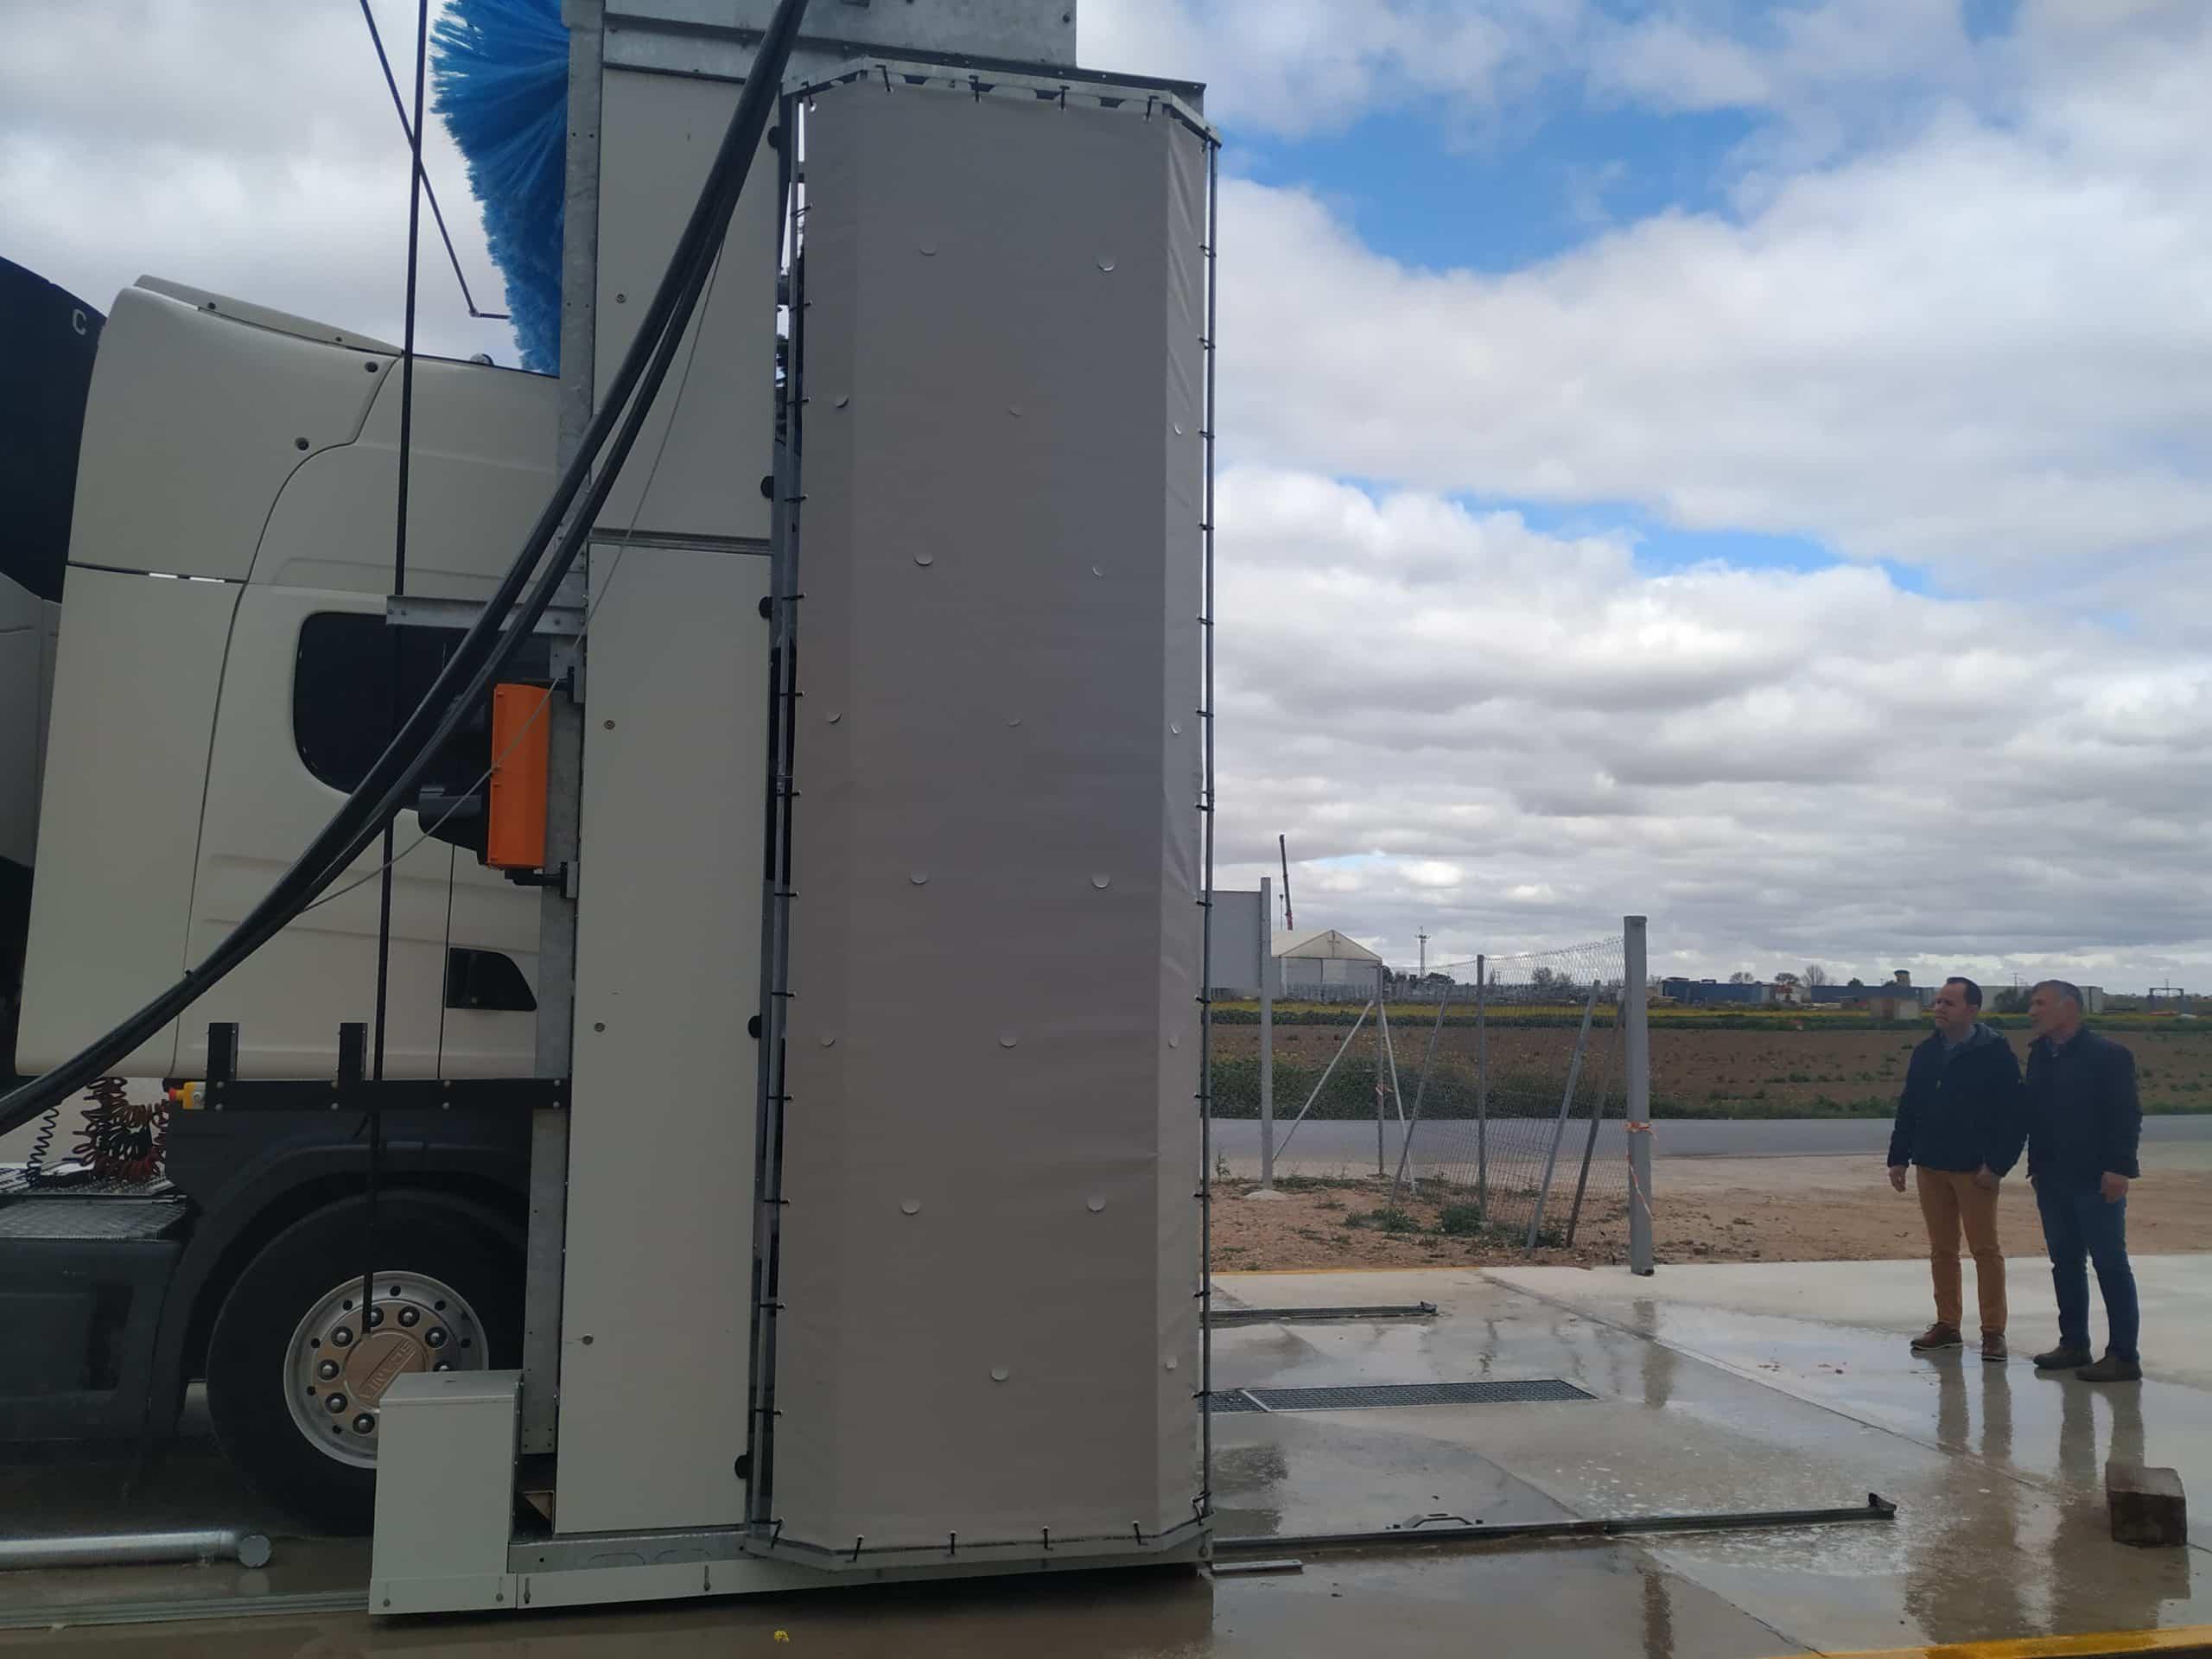 lavadero camiones herencia 1 scaled - El lavadero público de camiones de Herencia entra en funcionamiento